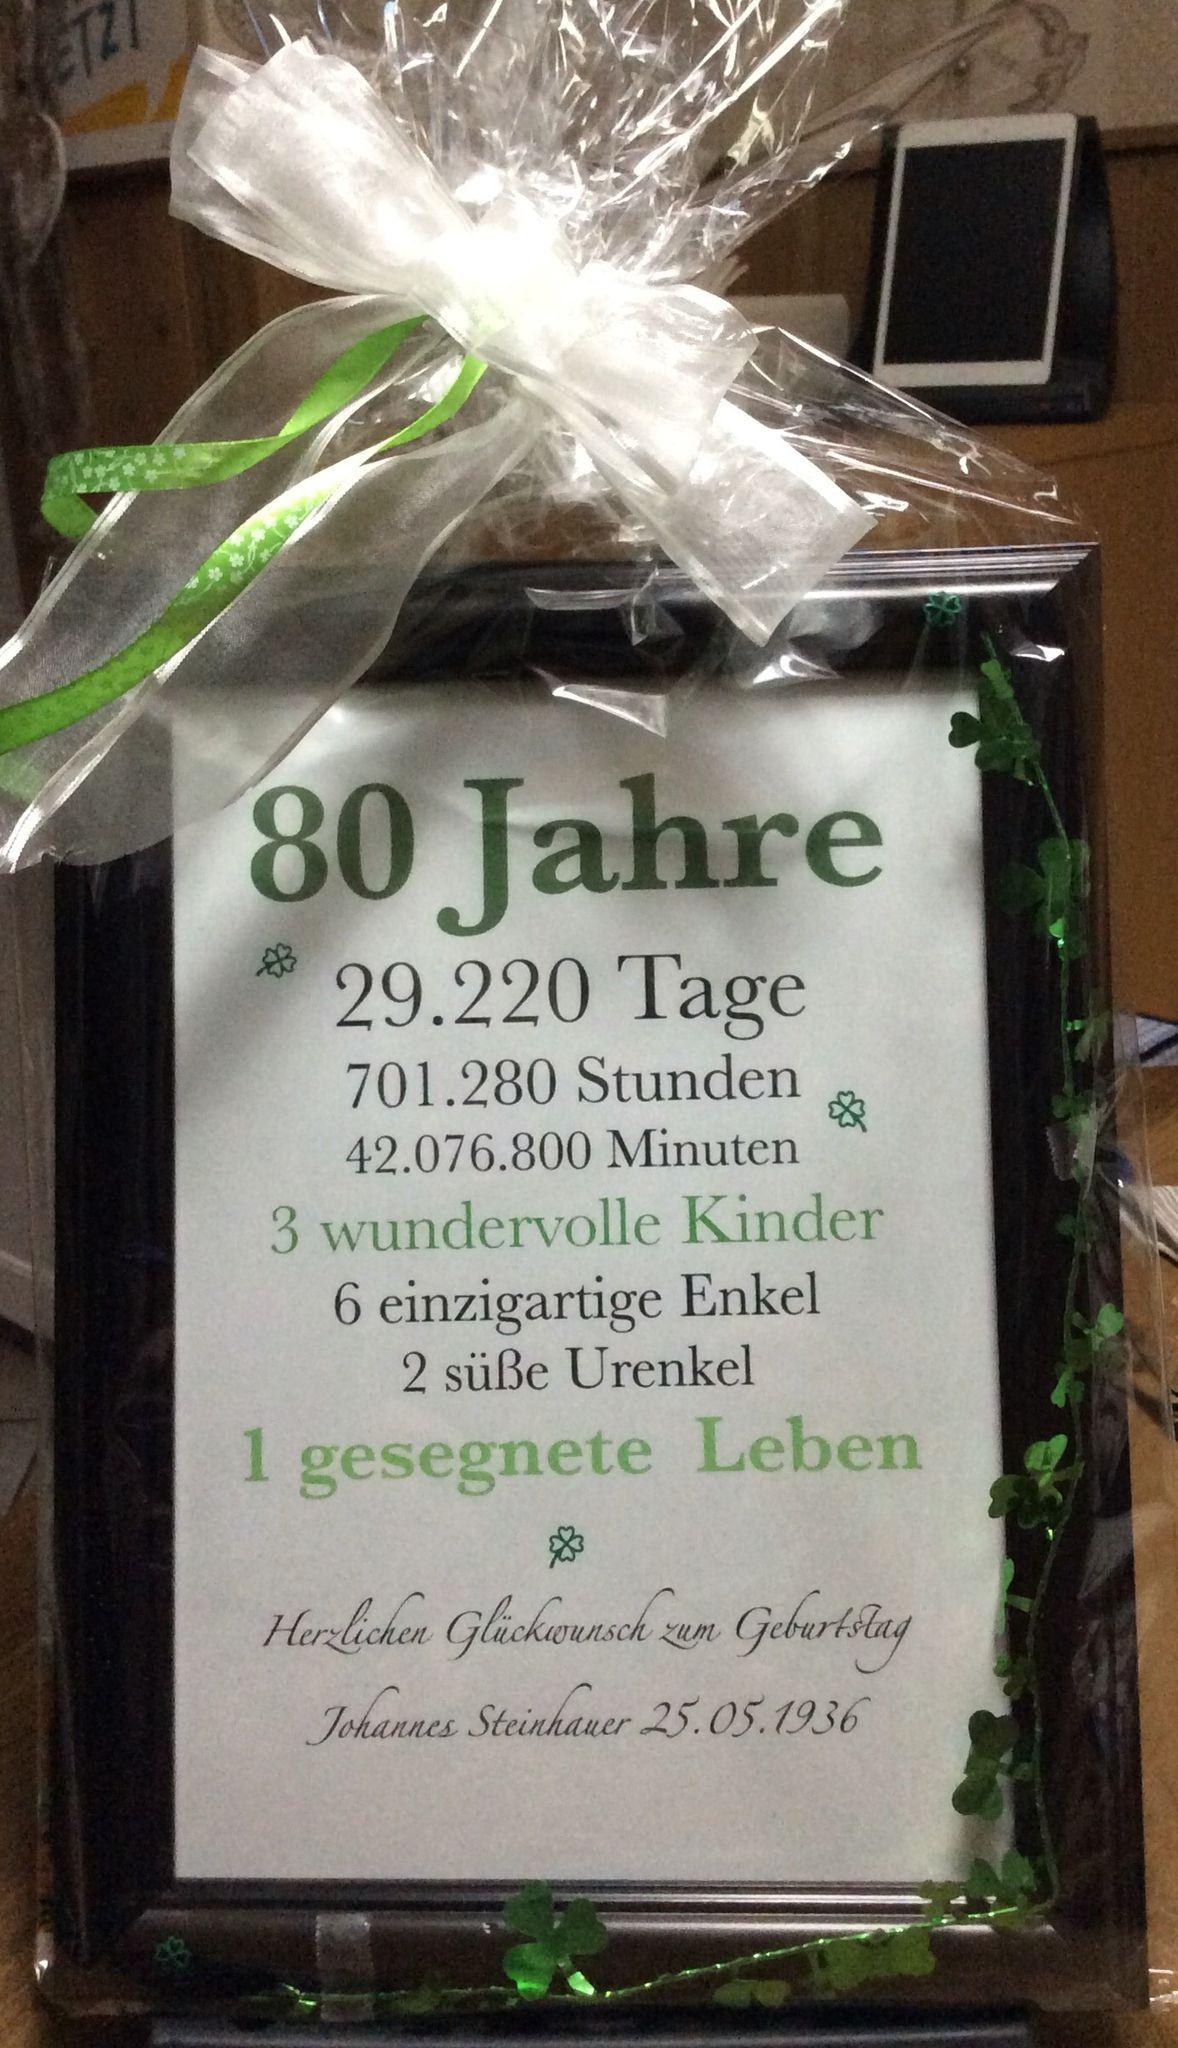 80 Geburtstag Oma Geschenkideen Best Of Geschenk Zum 80 Geburtstag